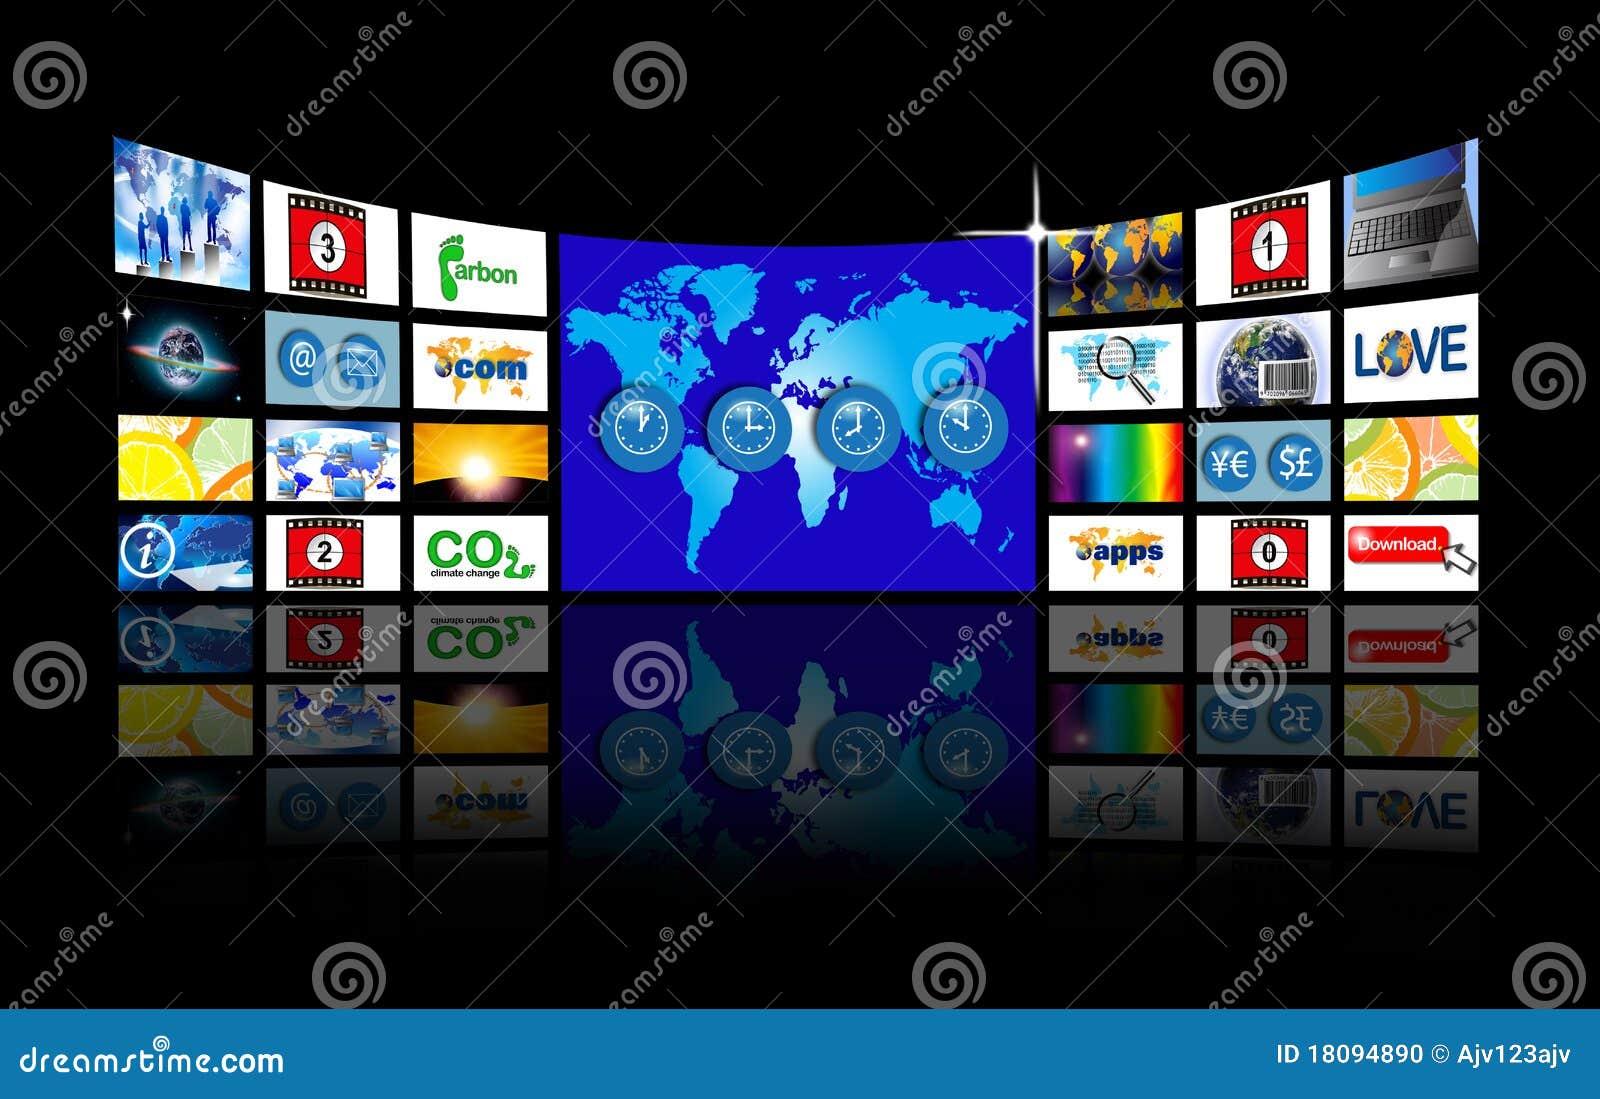 Video Wand des breiten Bildschirms